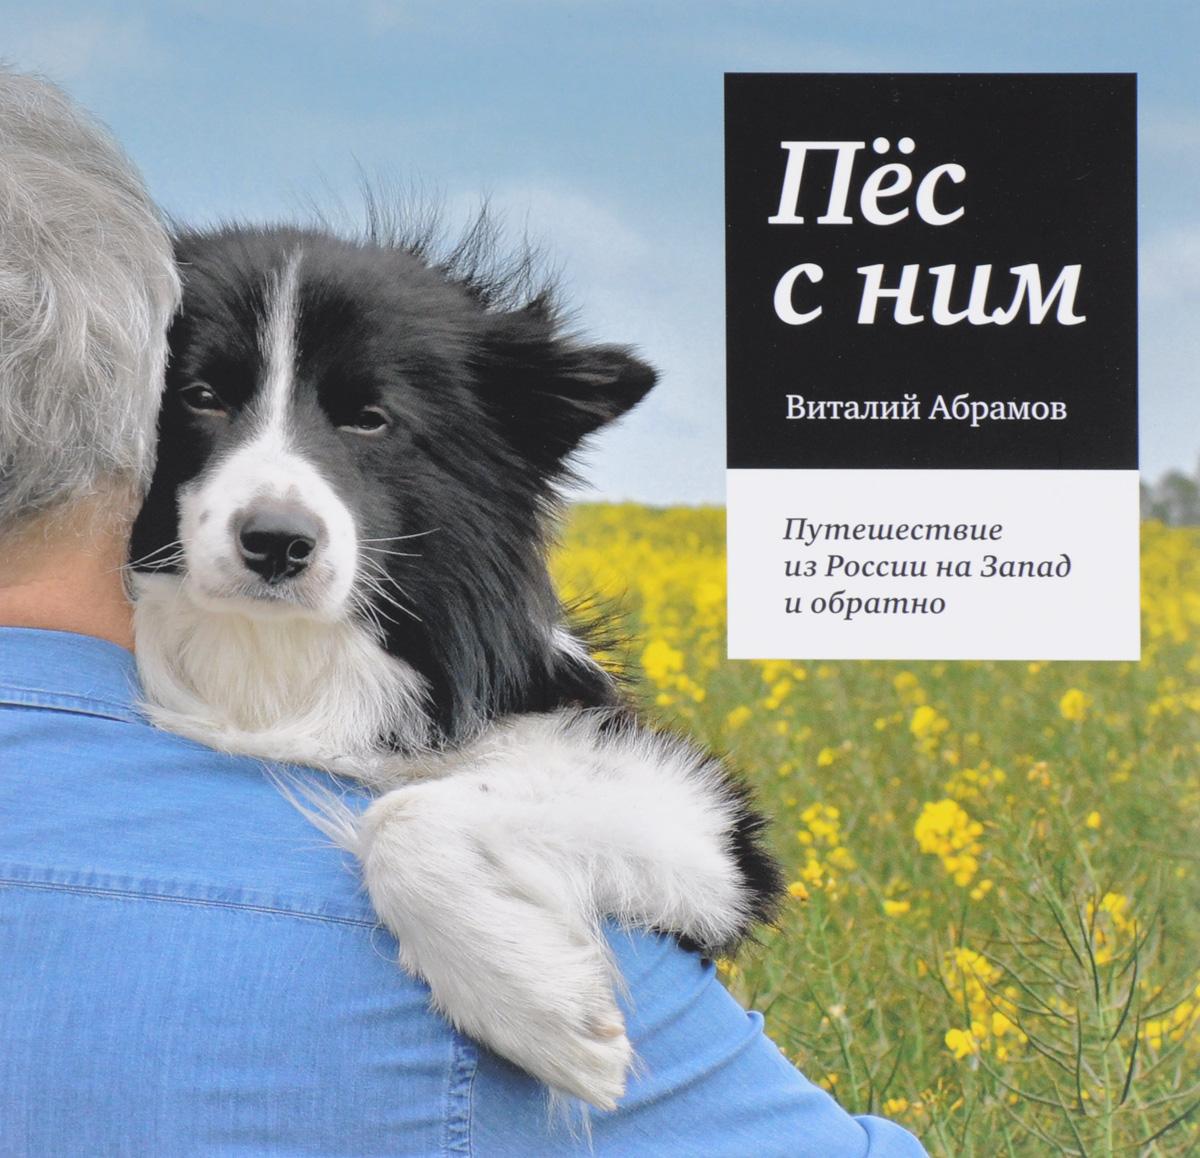 Виталий Абрамов Пес с ним. Путешествие из России на Запад и обратно